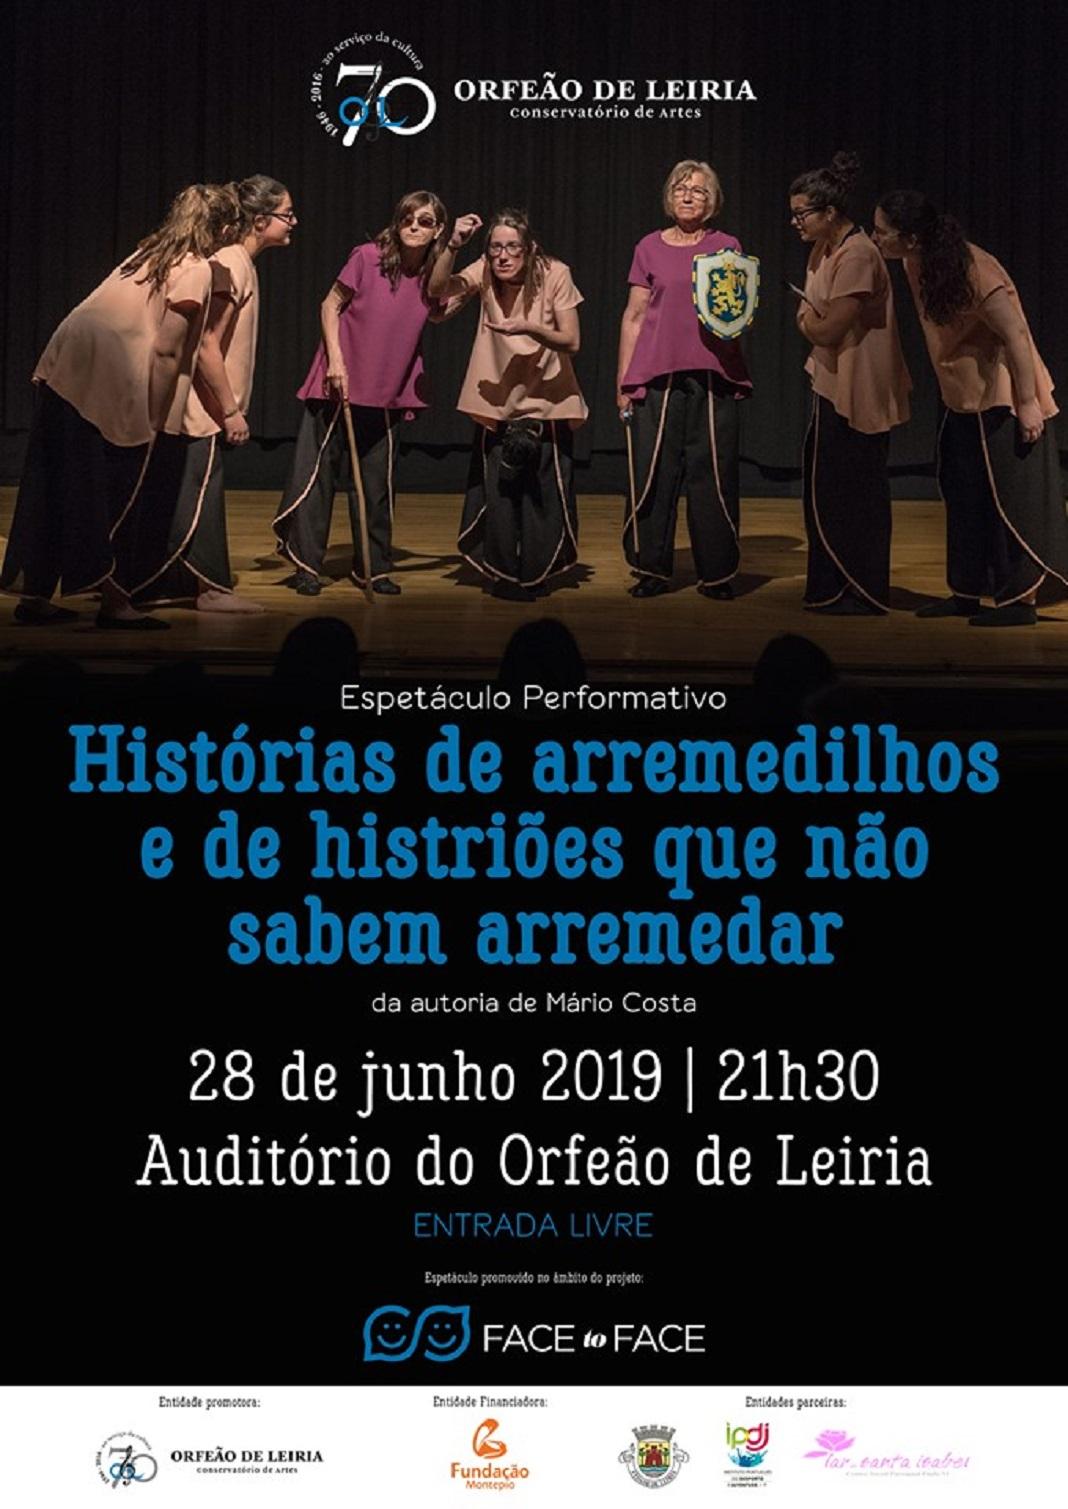 Orfeão de Leiria reúne jovens e seniores num espetáculo de dança e teatro